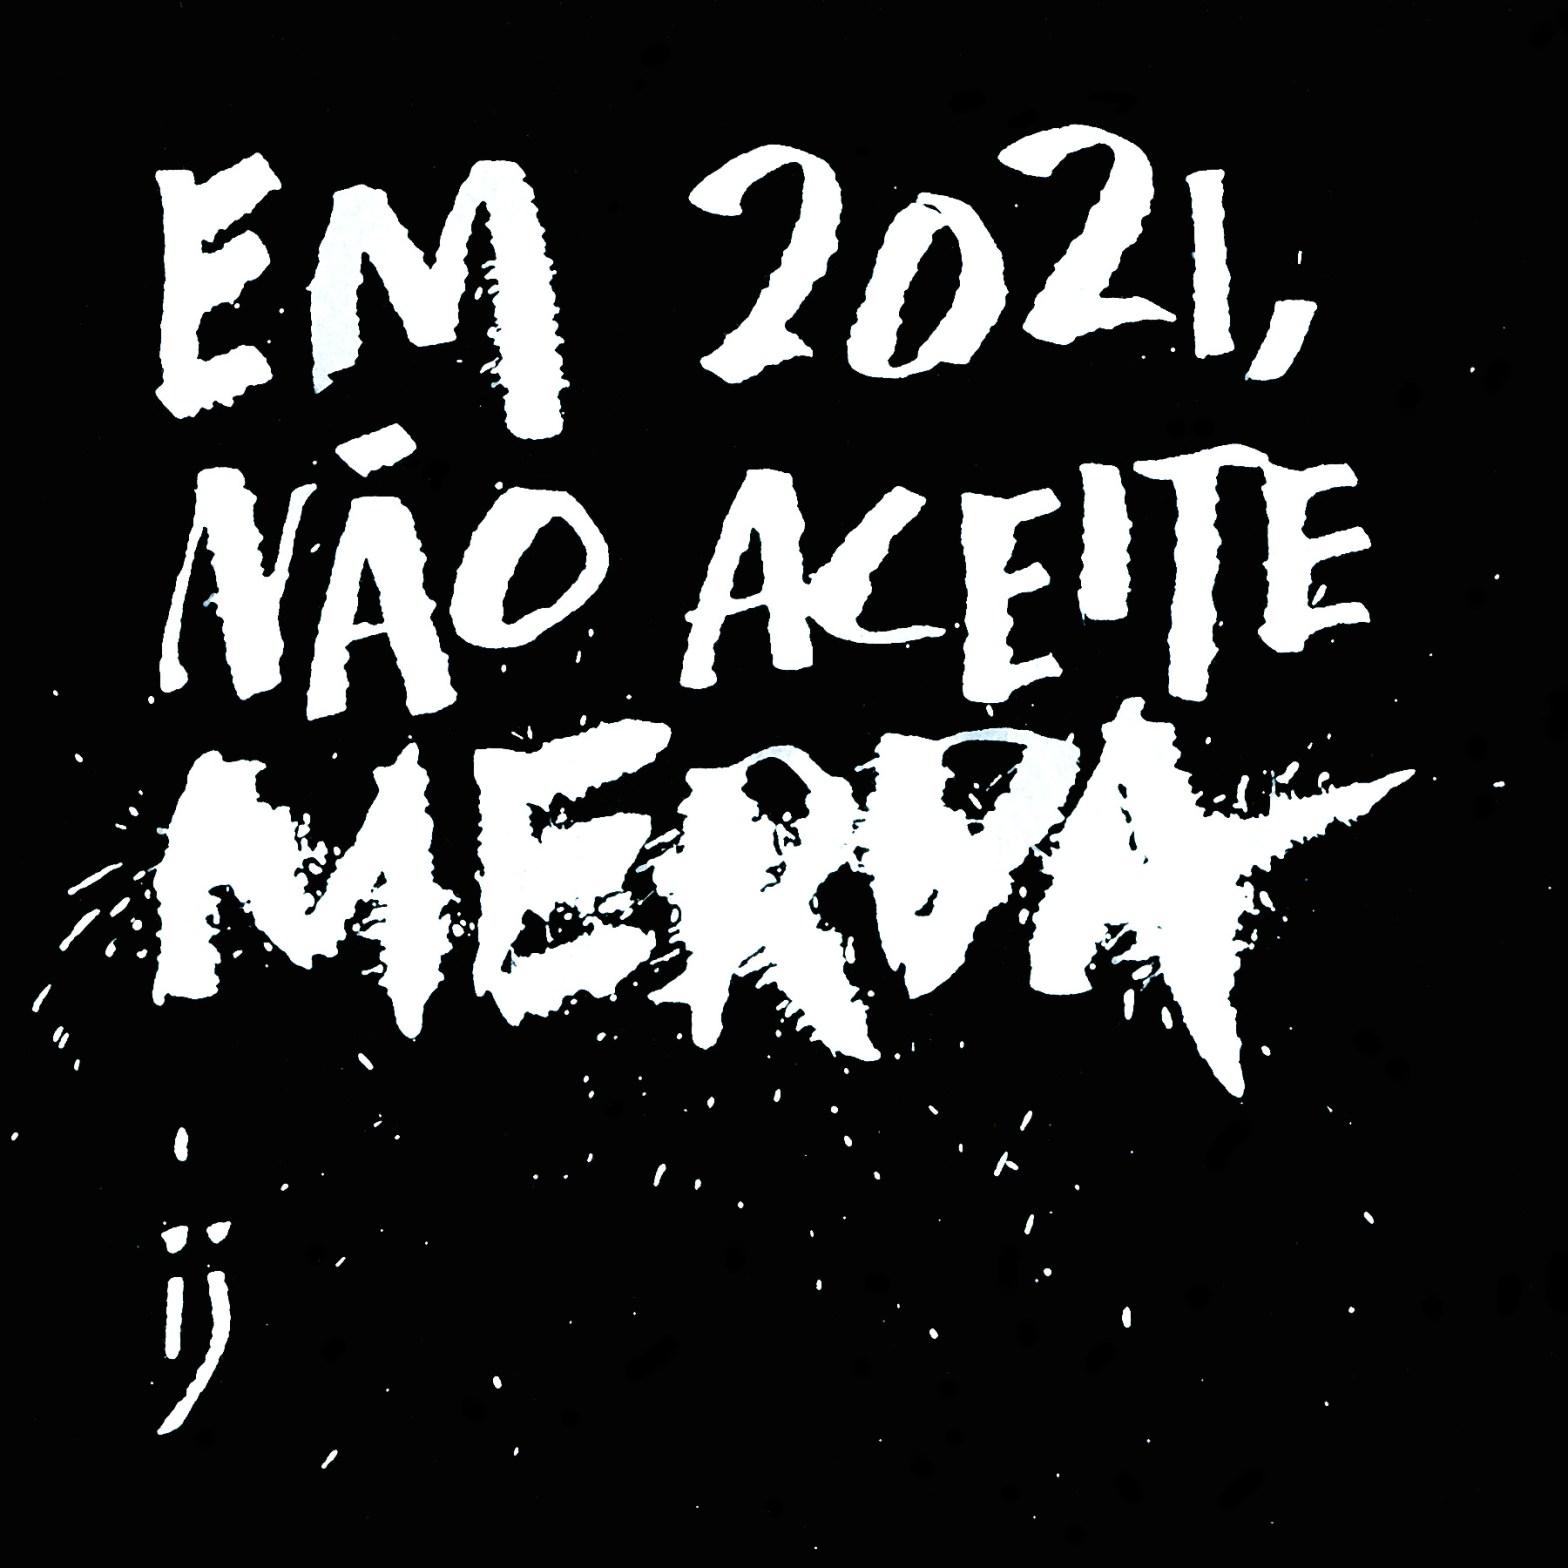 Em 2021, não aceite merda - Cartão de ano novo em caligrafia